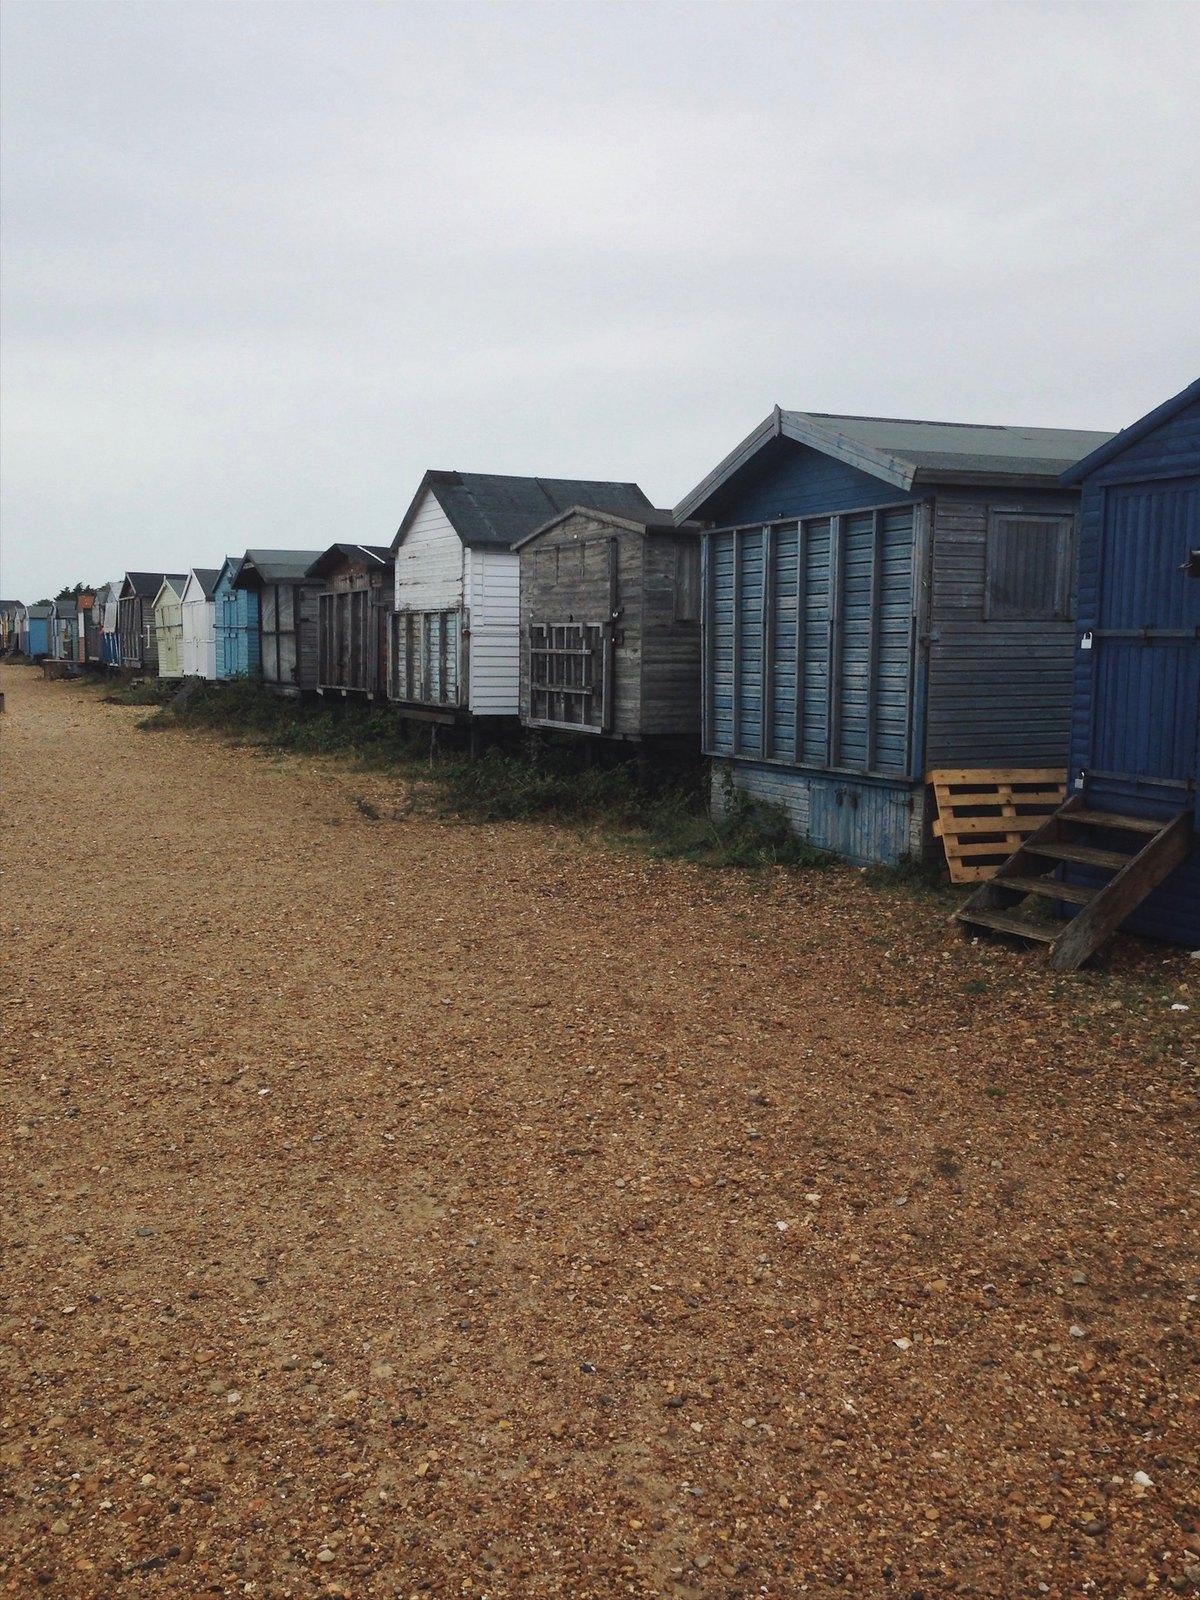 Beach Huts Faversham to Whitstable